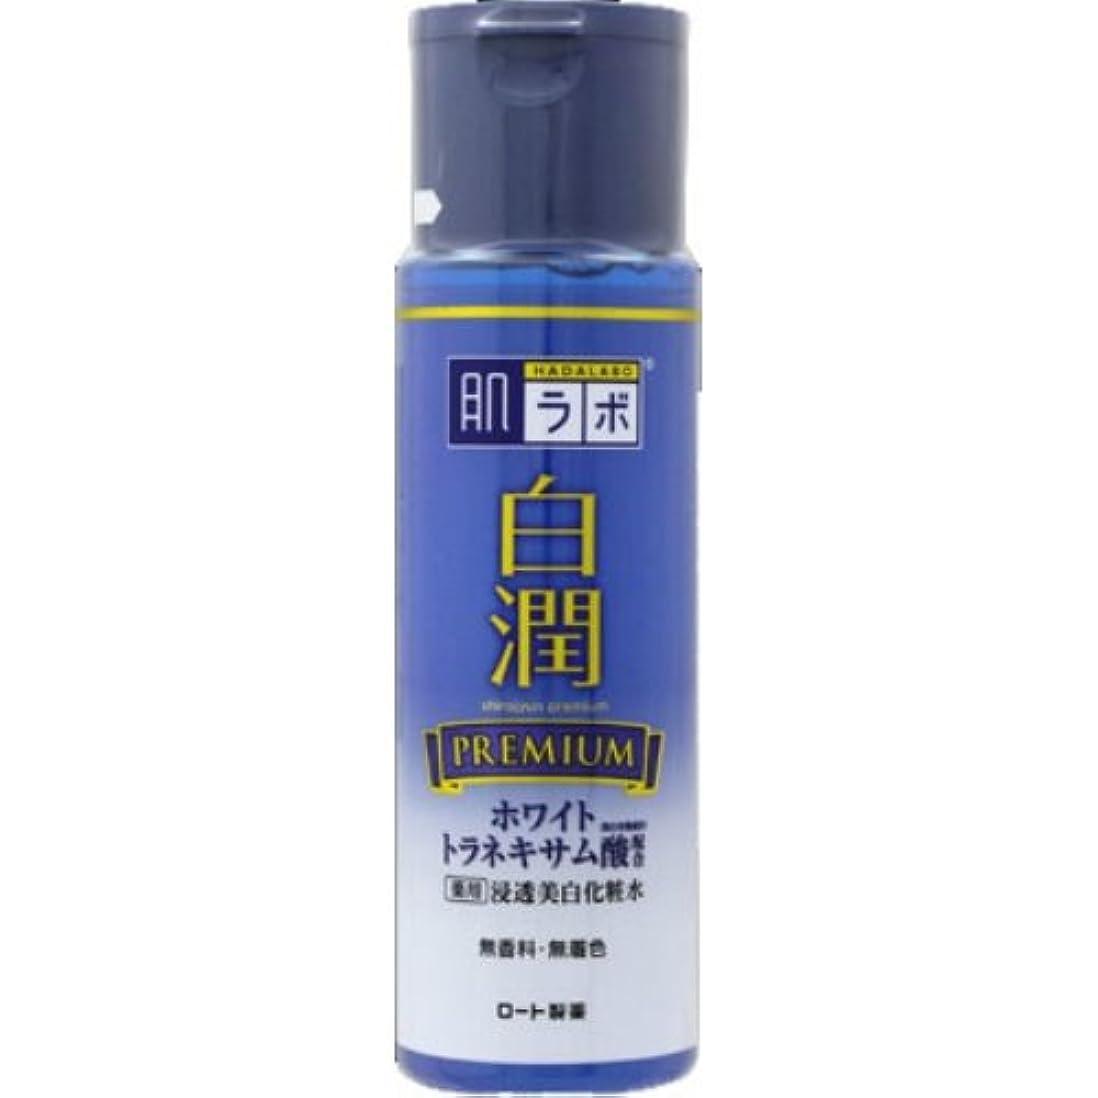 期待ダイバー監督する肌ラボ 白潤プレミアム 薬用浸透美白化粧水 170mL × 48個セット